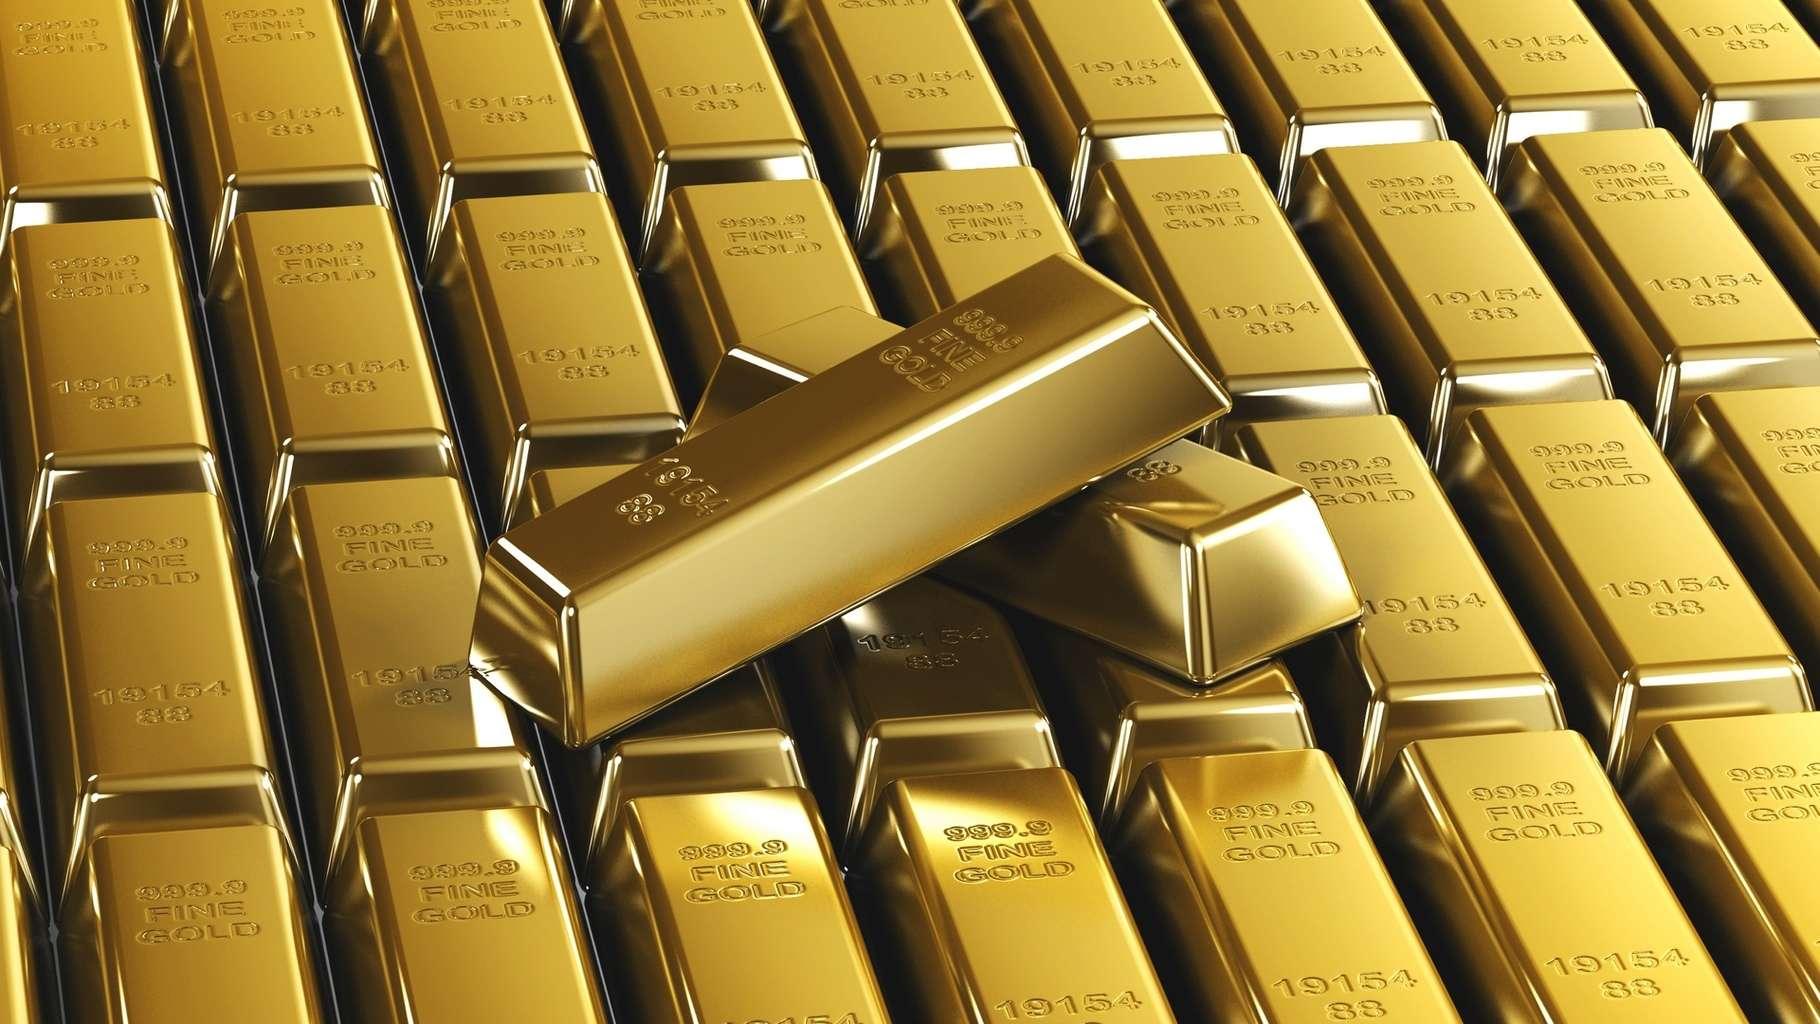 Polizia scopre nella cantina di un ex sindaco tonnellate di oro